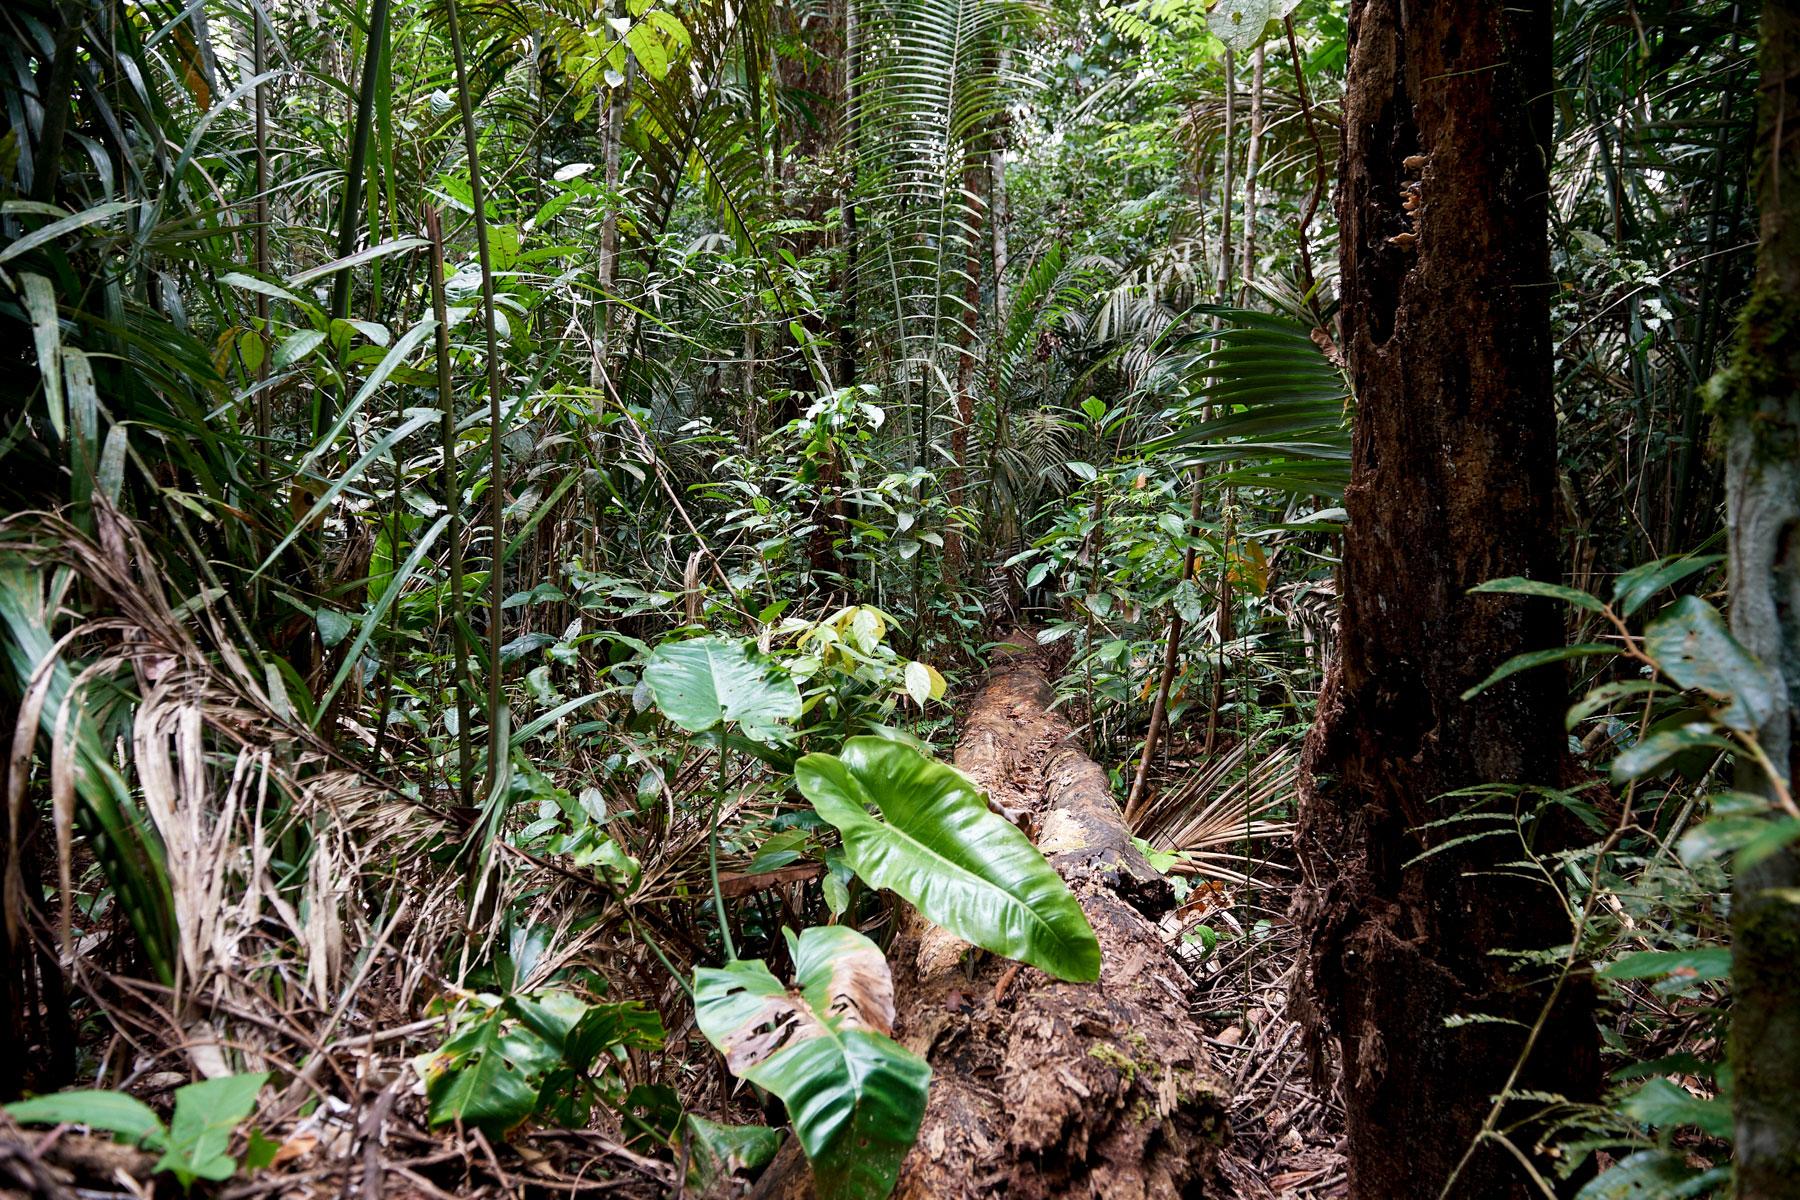 Foto zeigt den direkten Blick in den dichten, grünen und stark bewachsenden Regenwald